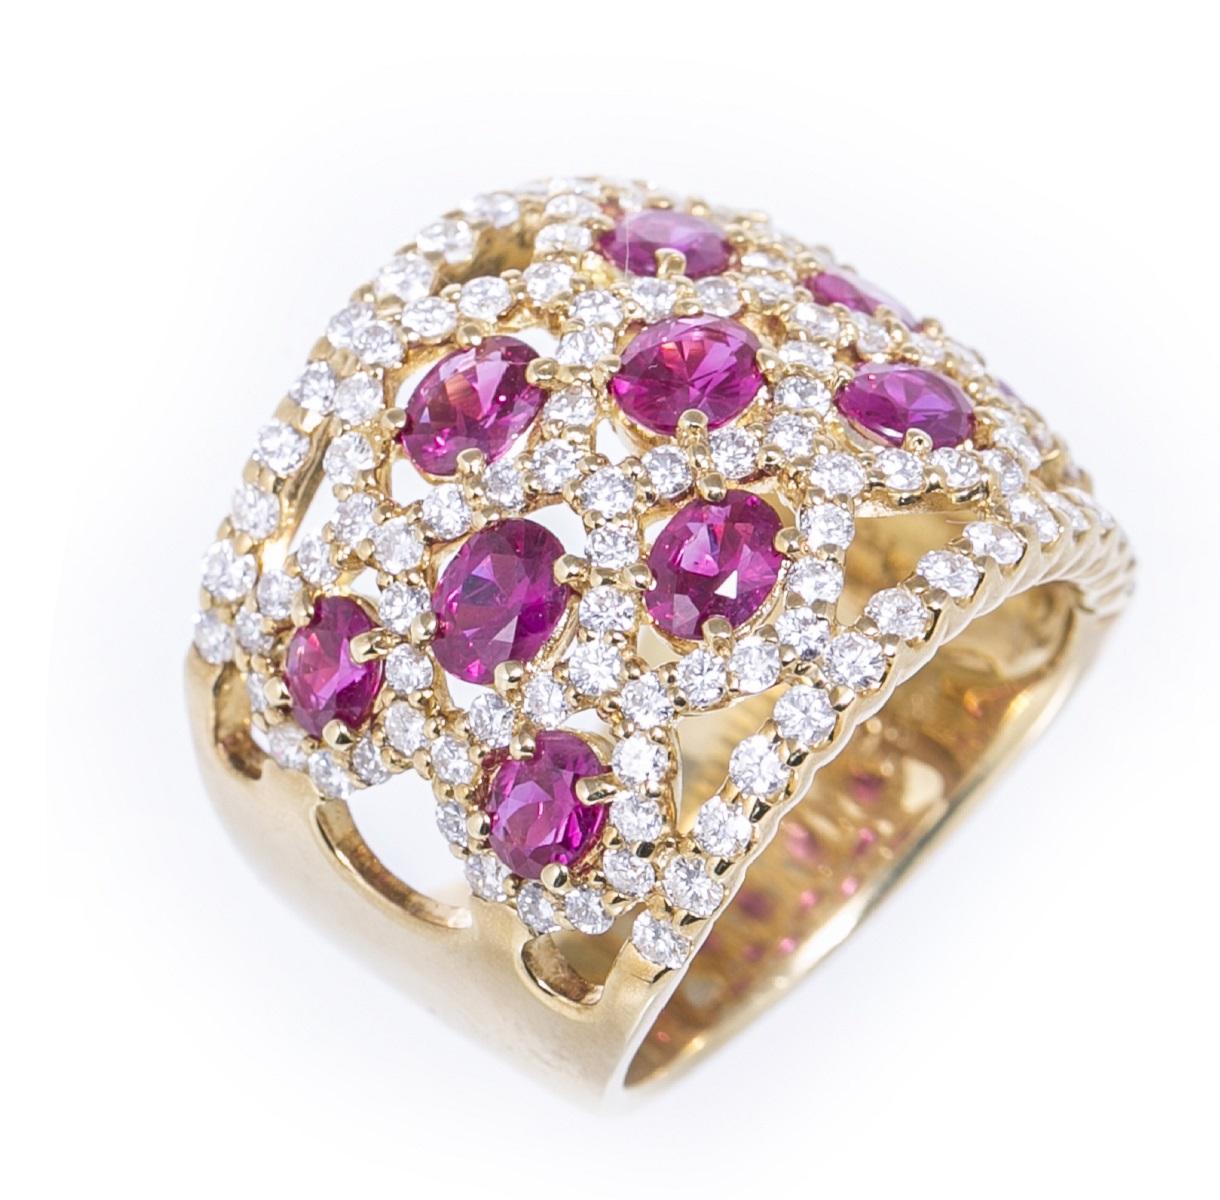 ルビー・ダイヤモンドリング 指輪 R2.67ct D1.70ct K18 #15 新品仕上げ済み 送料無料 【トレジャースポット】【中古】